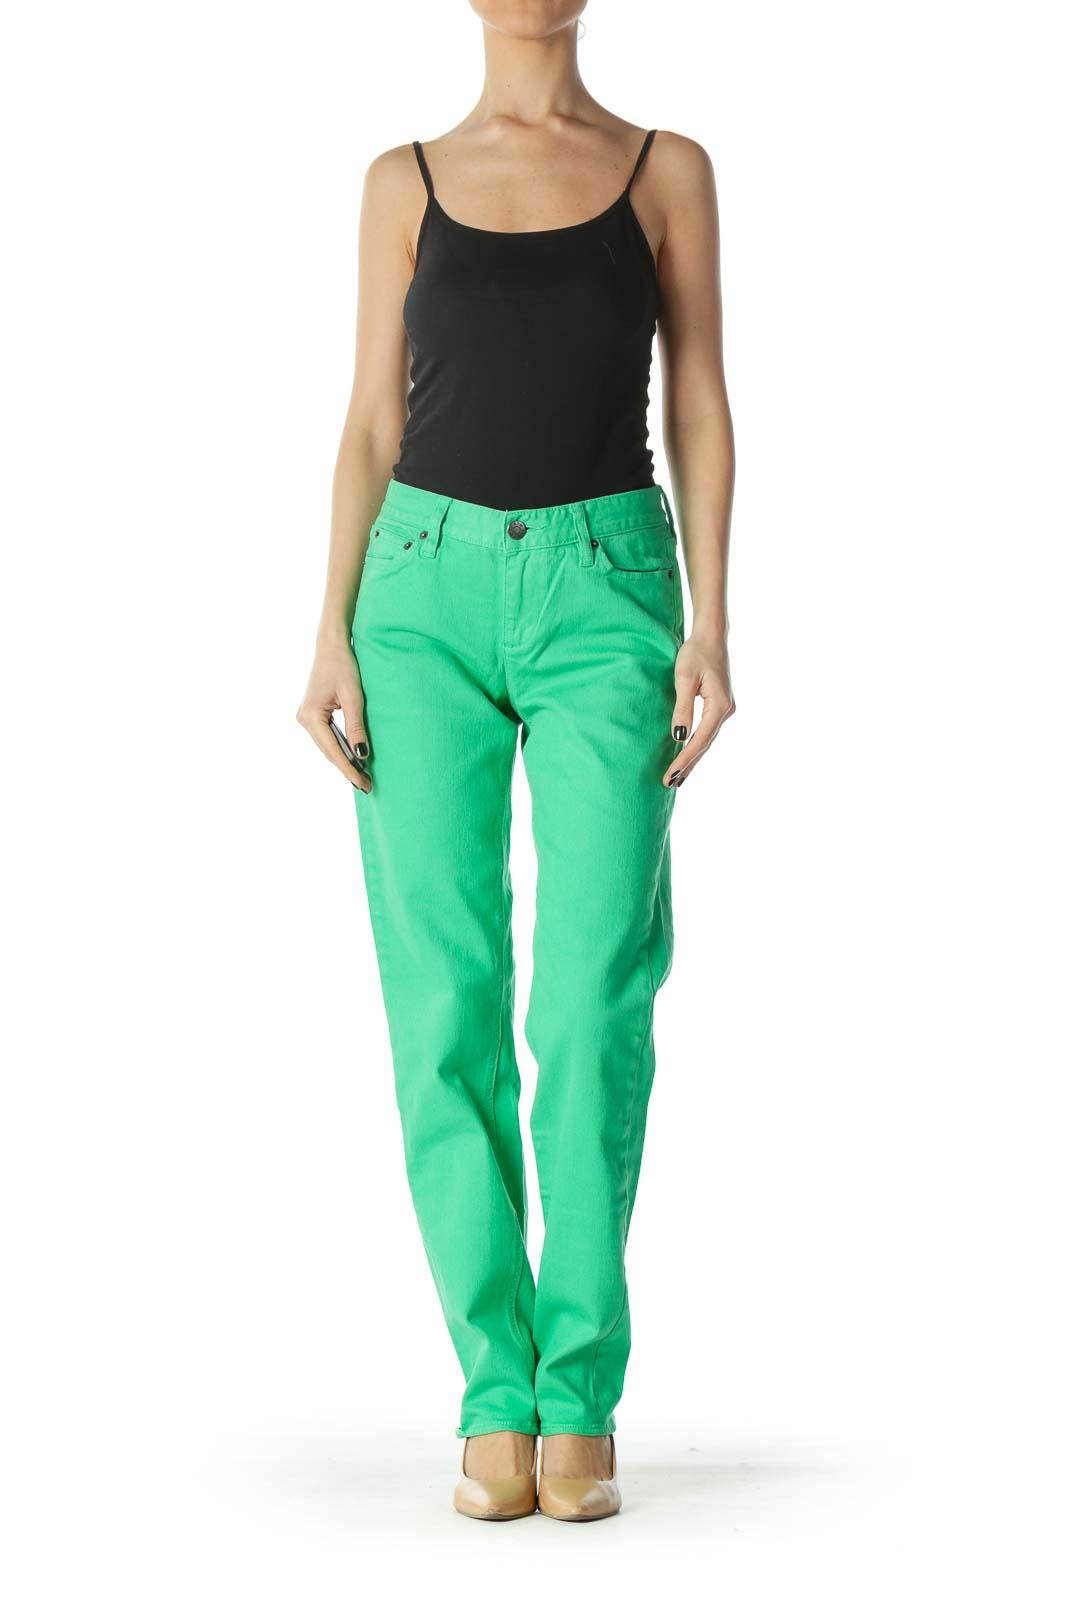 Green Matchstick J.Crew Jeans